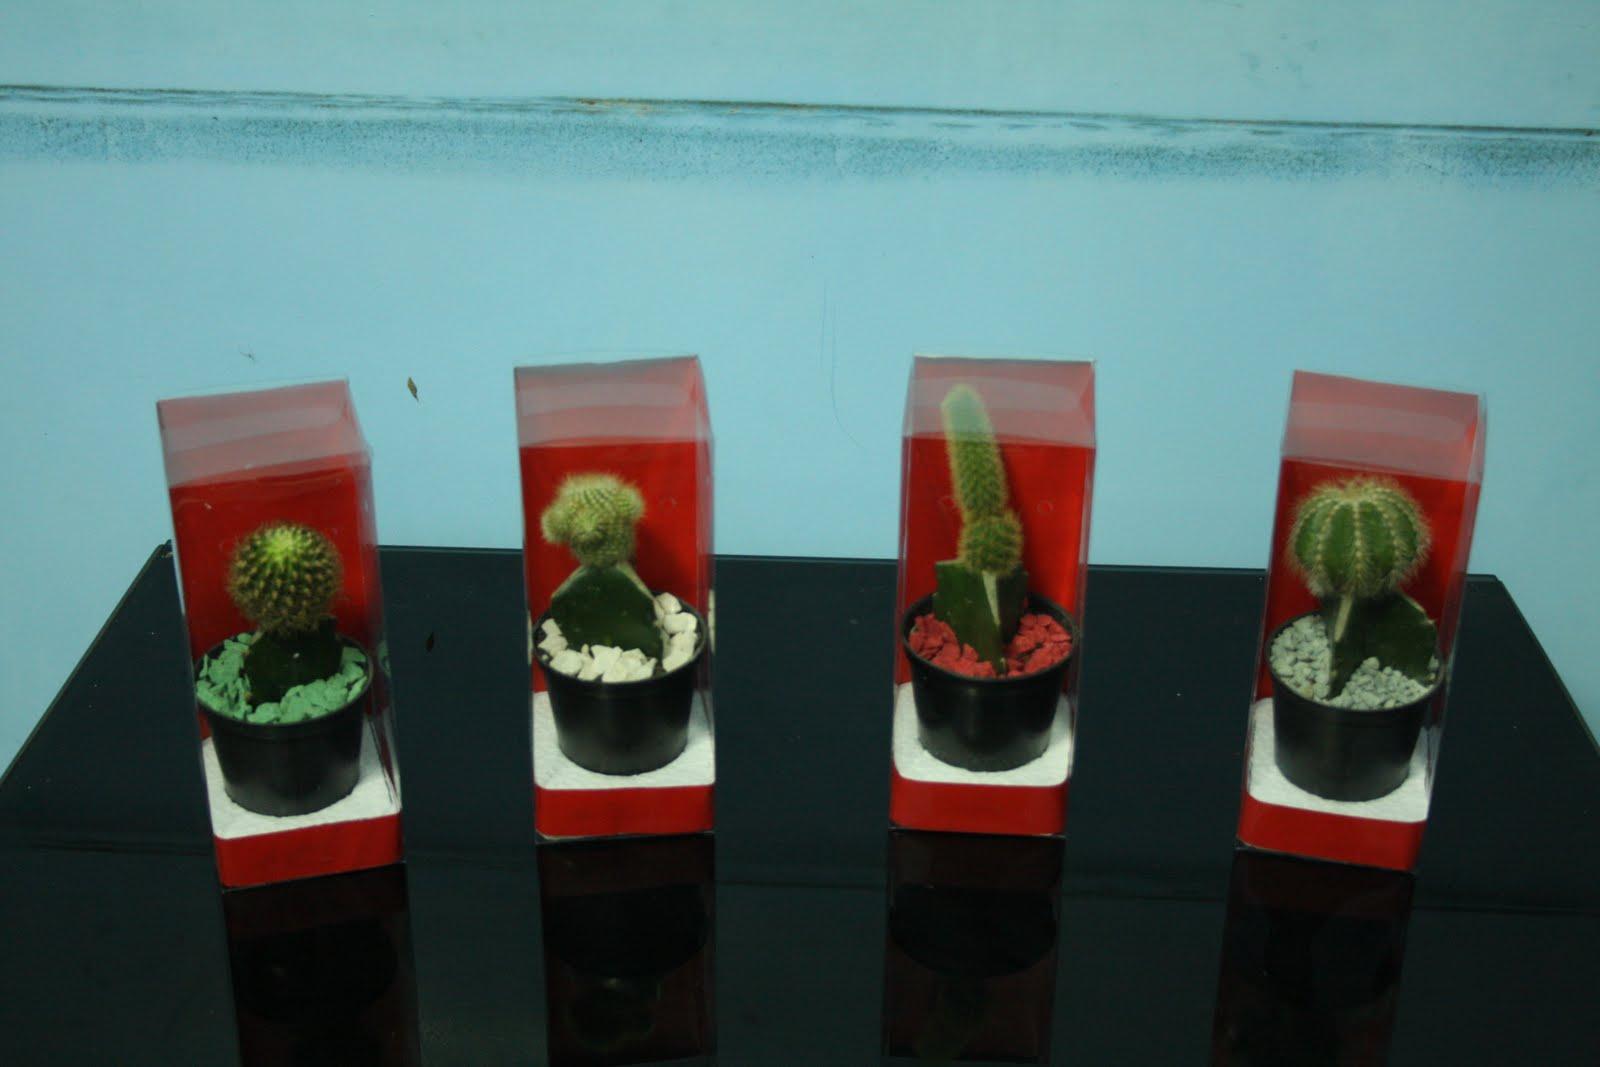 Souvenir Kaktus Mini Harga : Rp. 6.000,- s.d. Rp. 9.000,- / pcs